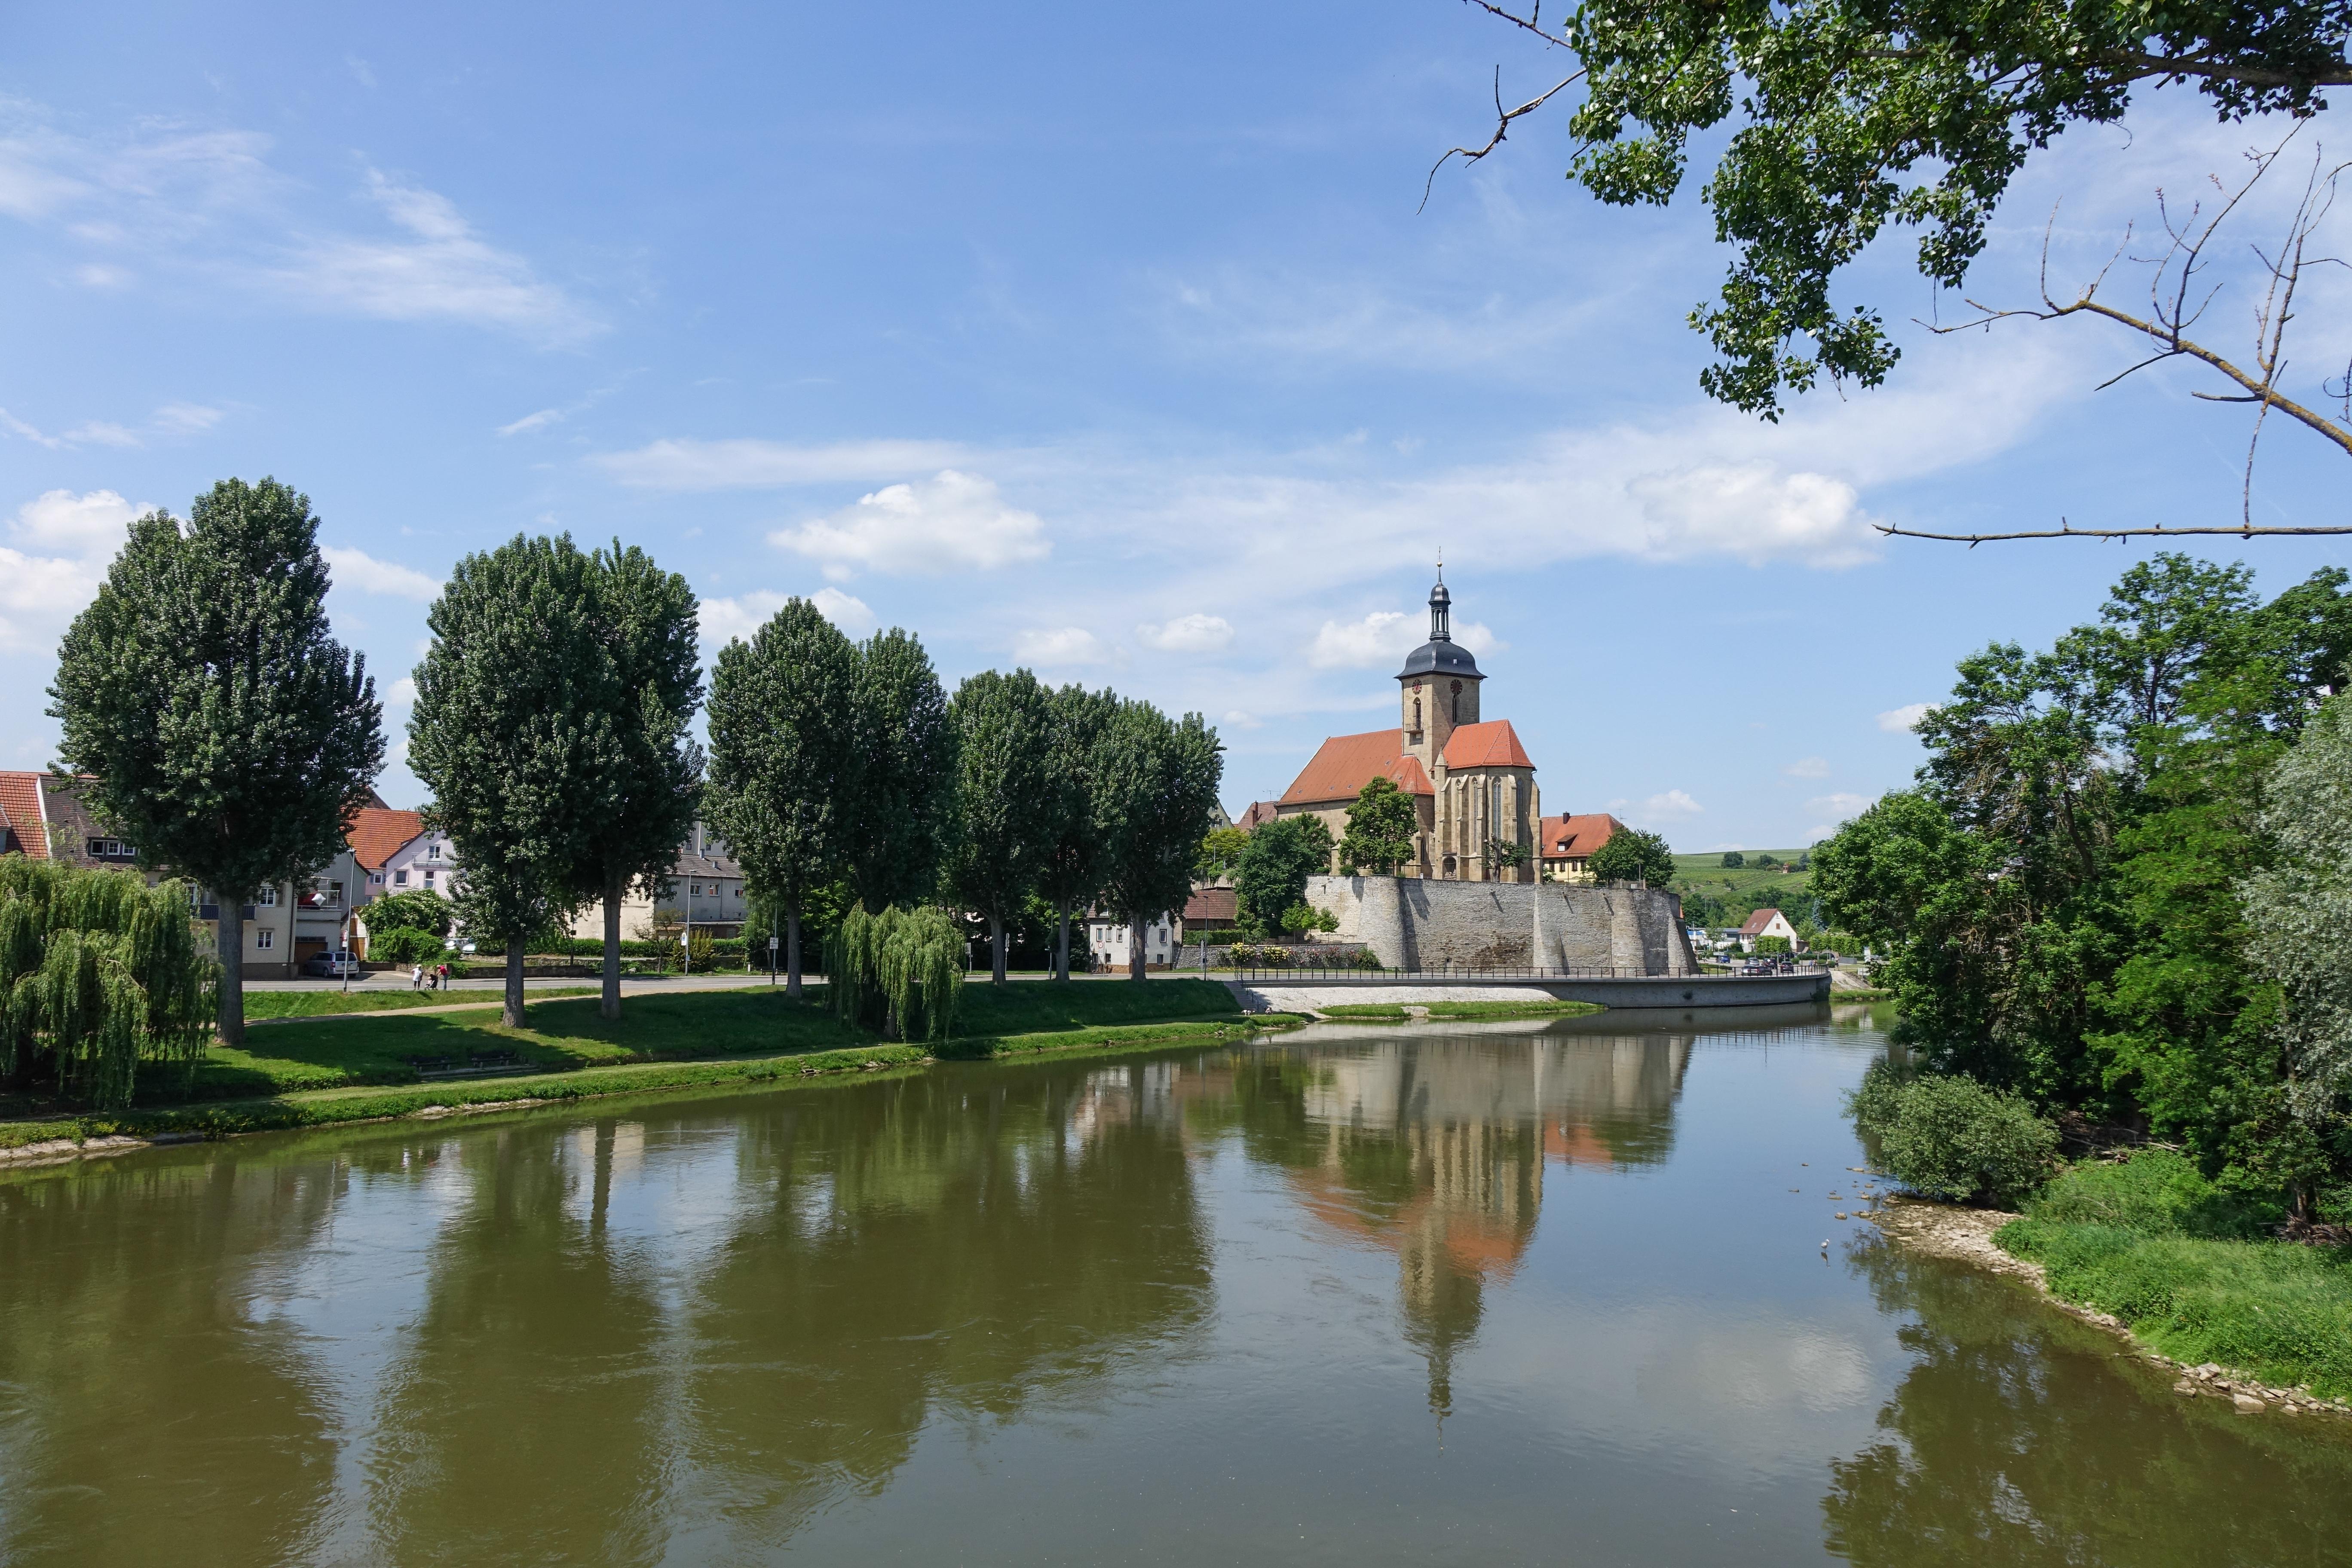 Regiswindiskirche, Lauffen a.N.